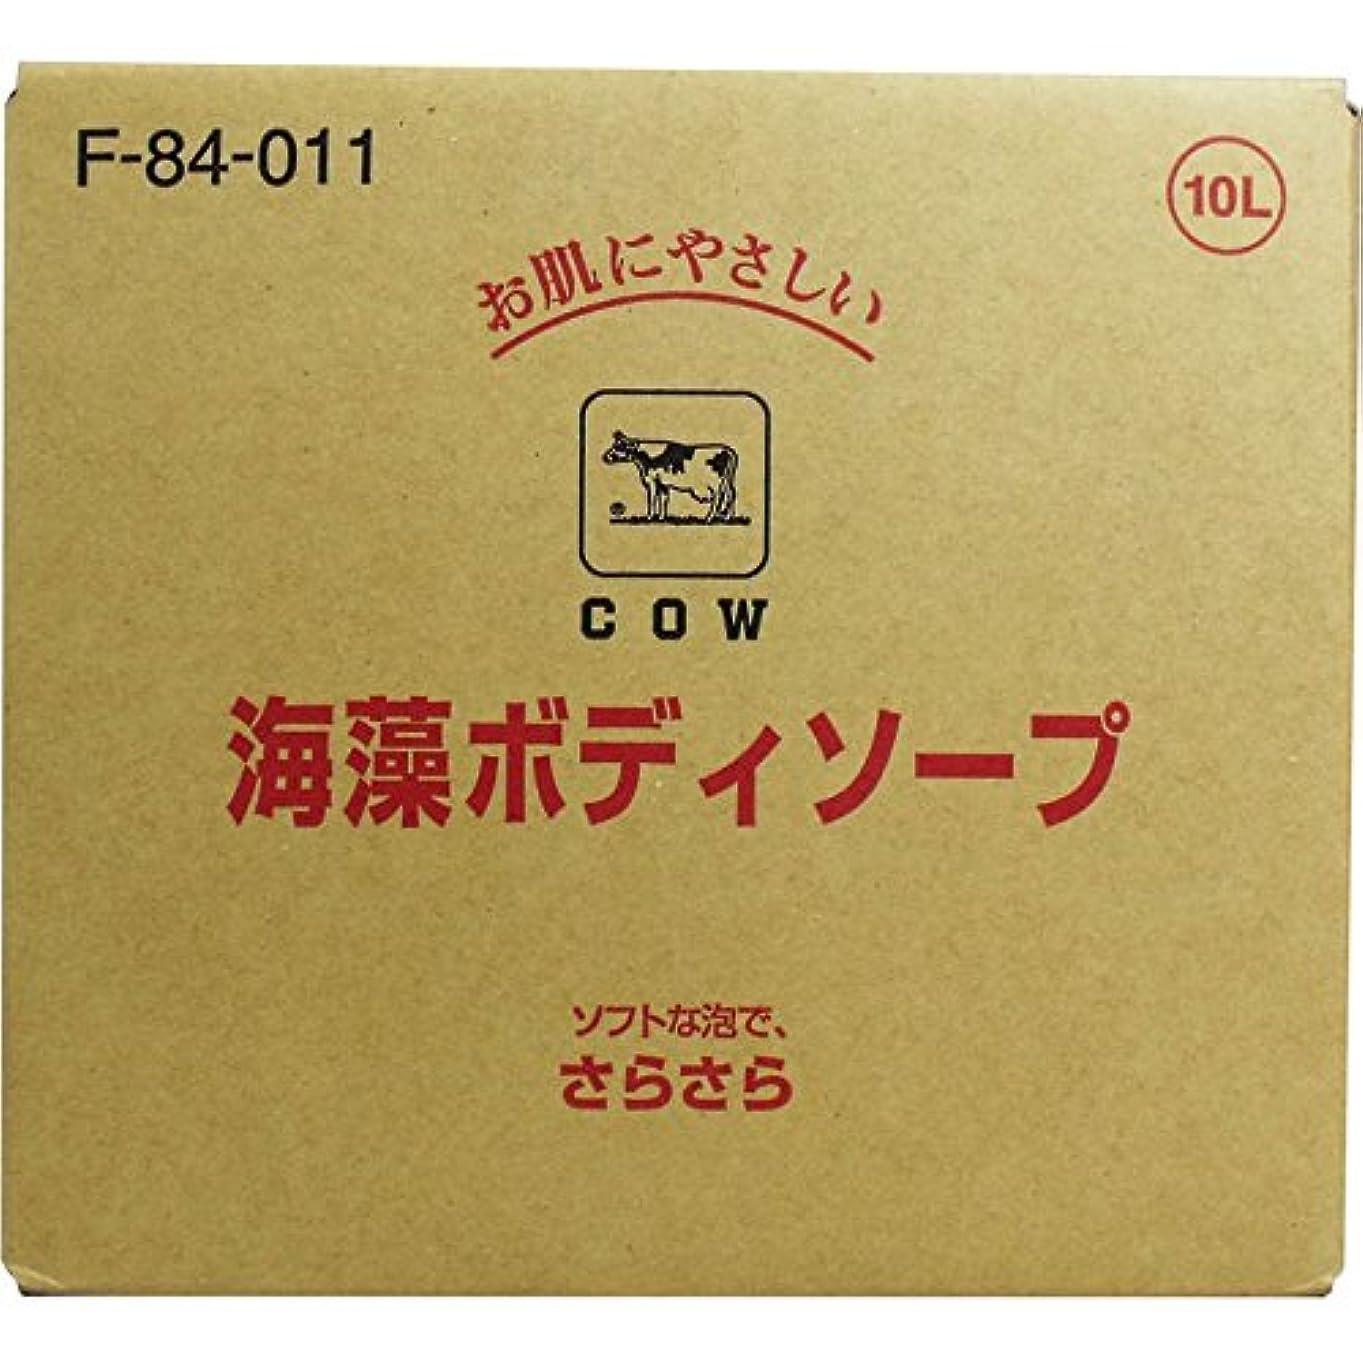 起点平方サラダボディ 石けん詰め替え さらさらした洗い心地 便利商品 牛乳ブランド 海藻ボディソープ 業務用 10L